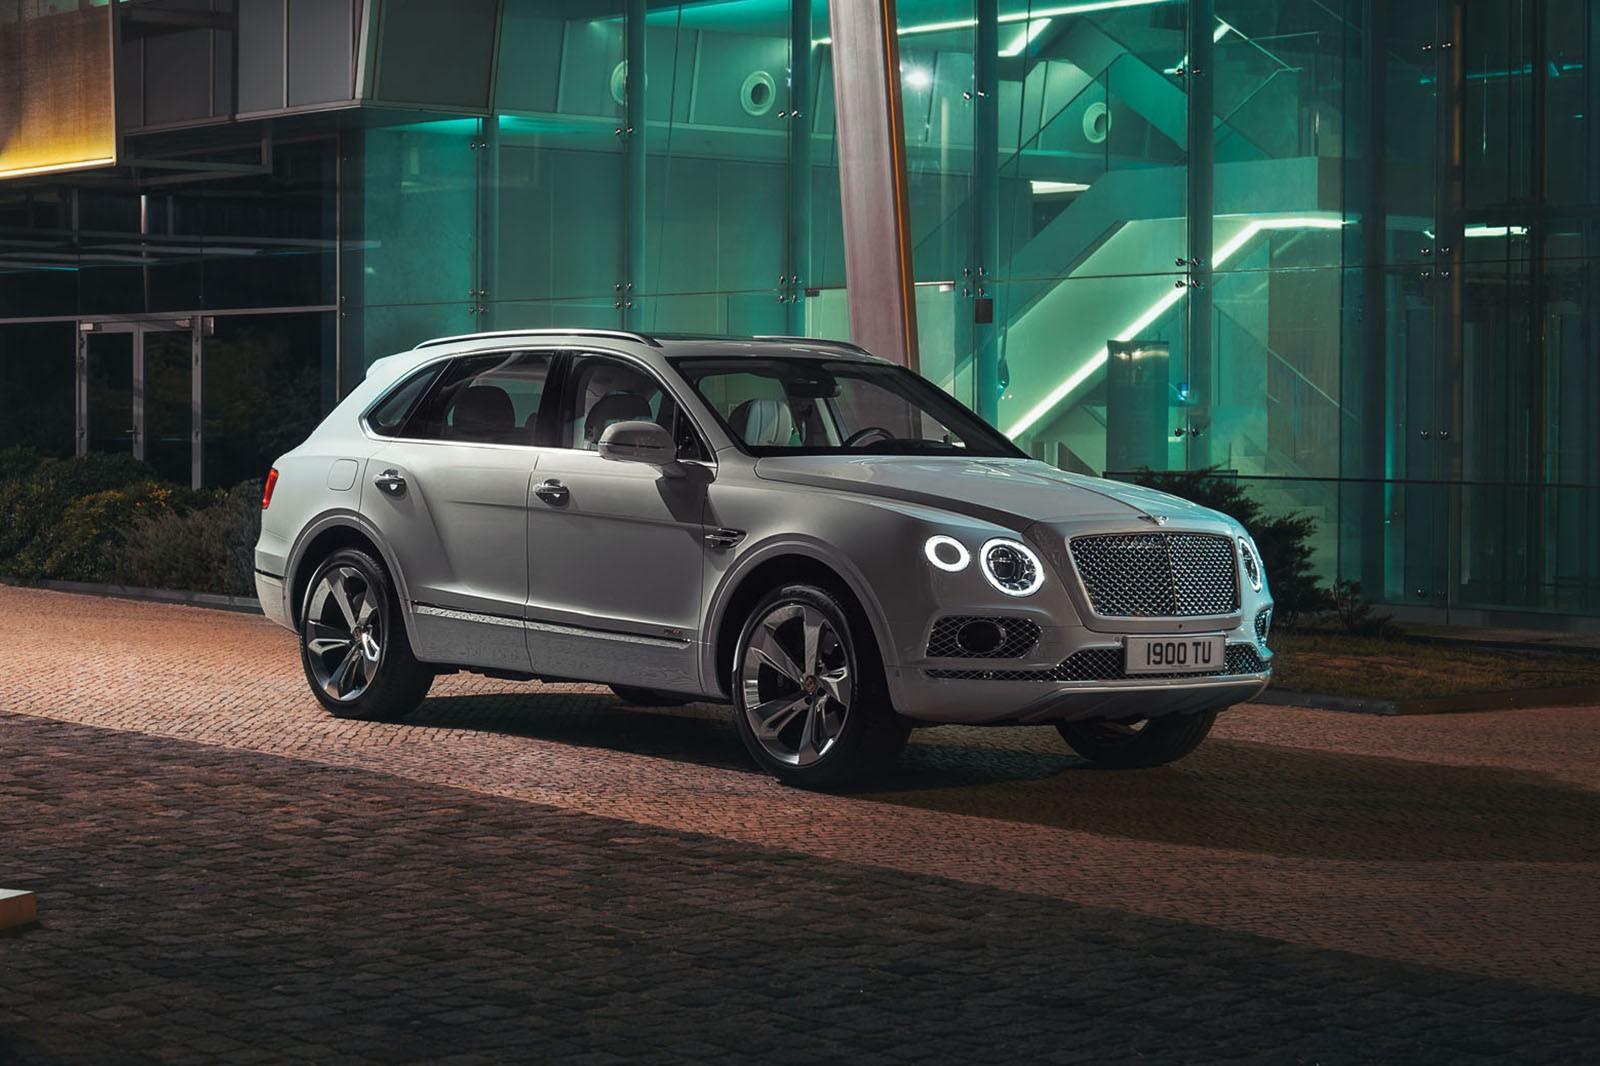 2019 Bentley Bentayga Plug In Hybrid Leaked Hours Before